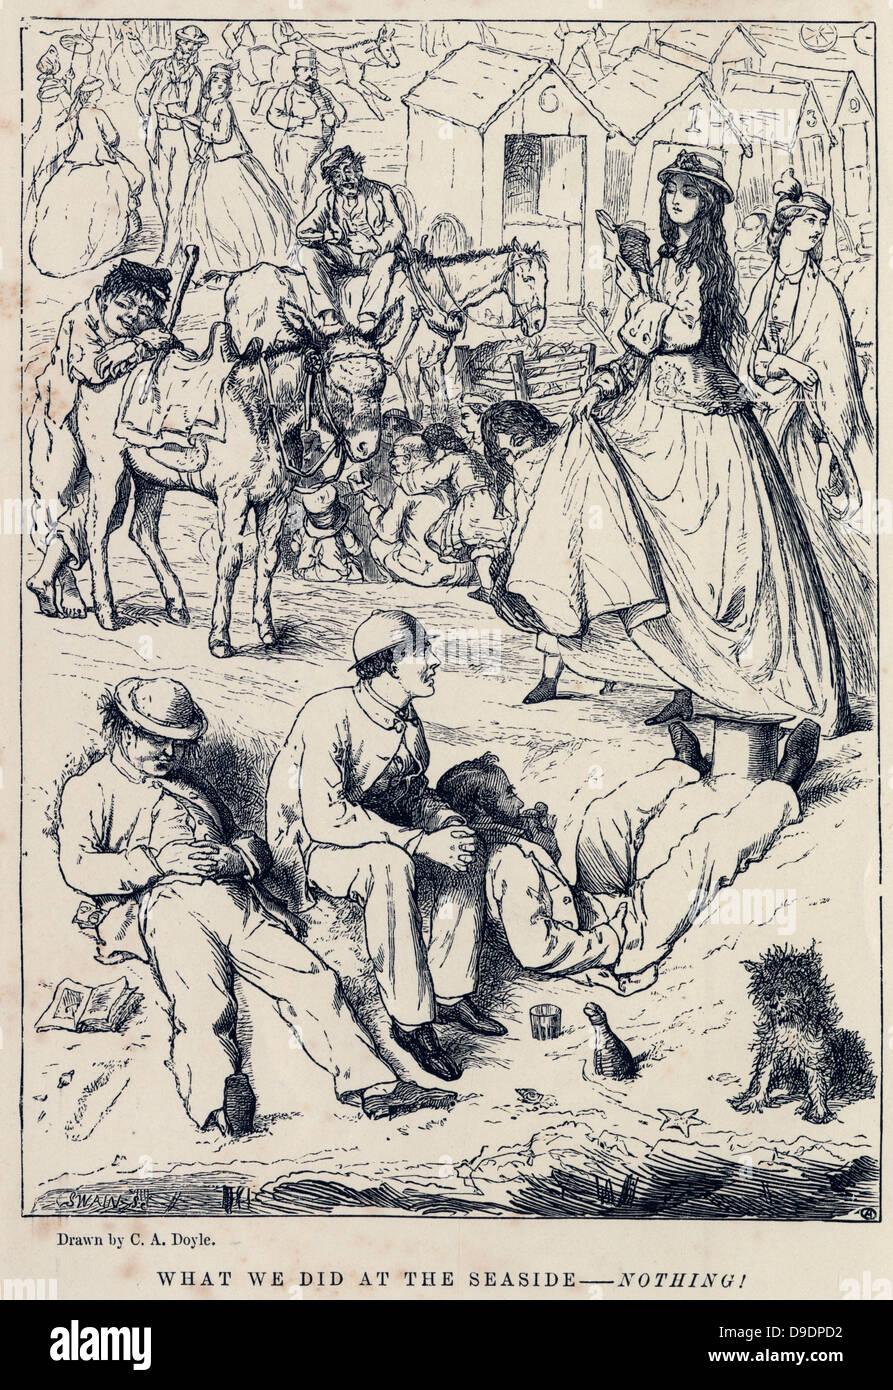 Ce que nous avons fait en mer - Rien. Caricature de 1882 Photo Stock